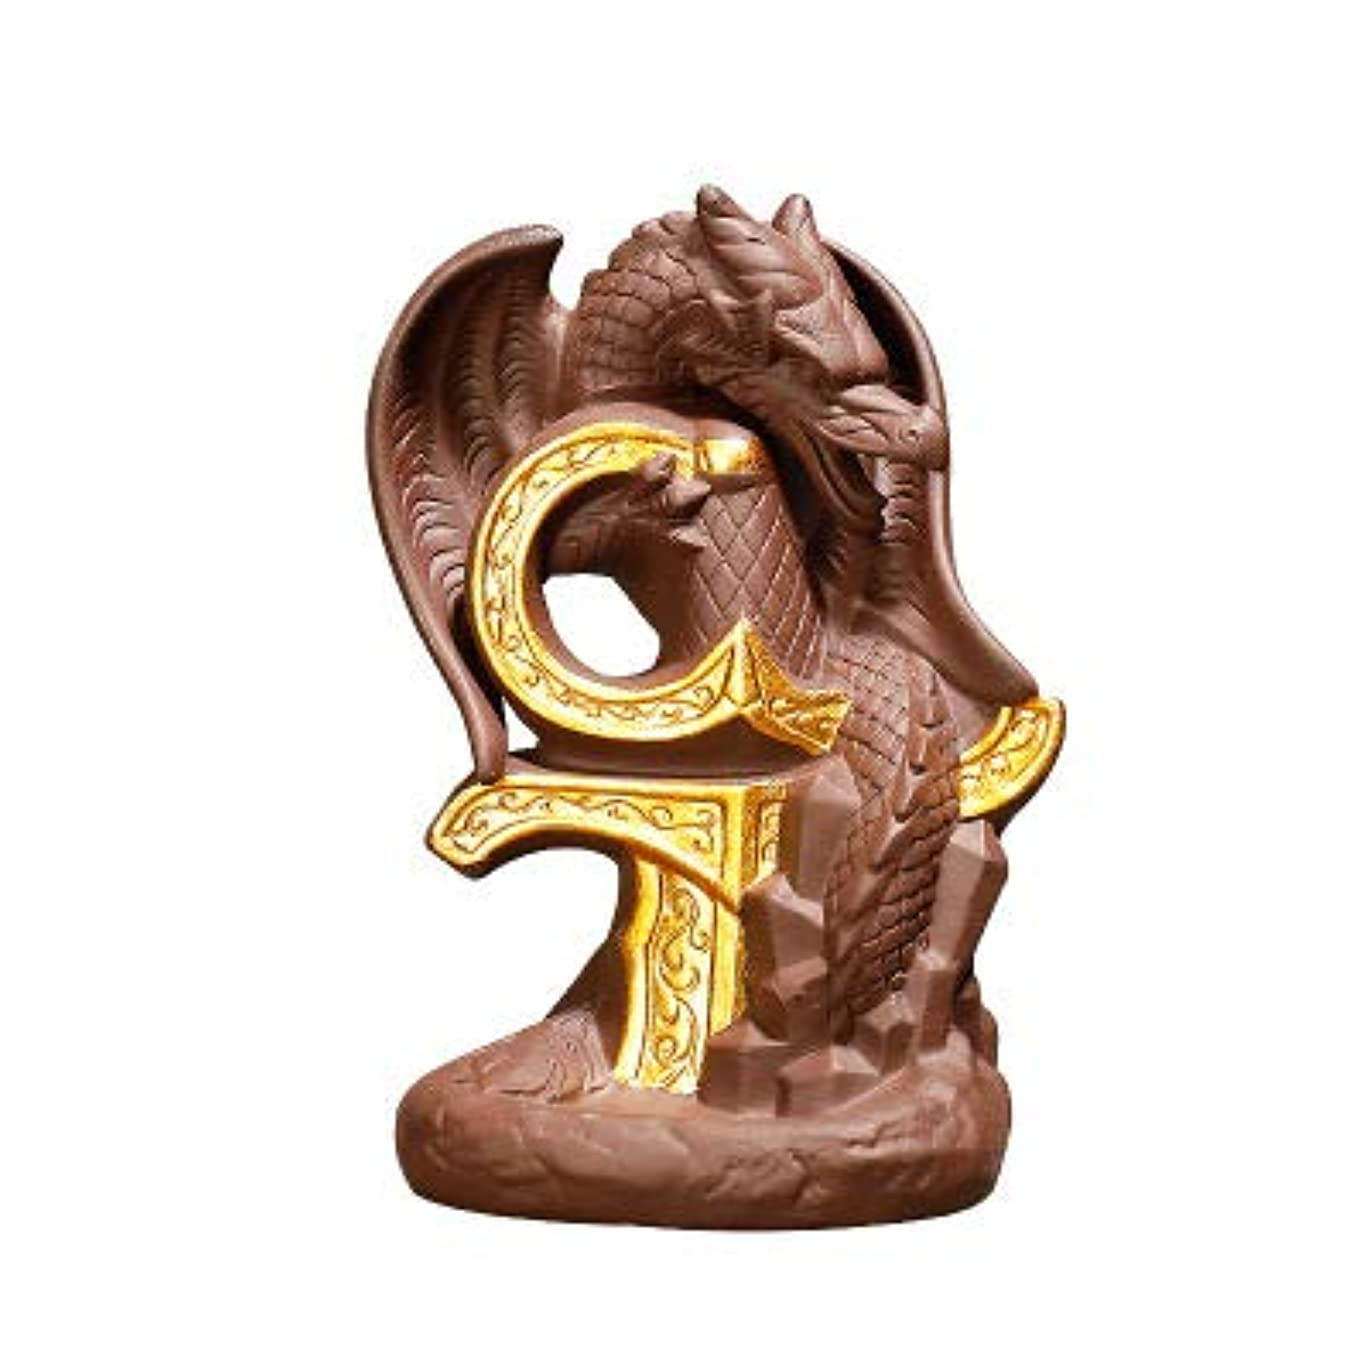 好奇心喉頭構造PHILOGOD 陶器香炉 逆流香 倒流香 フライングドラゴンスタイリング線香立て 香皿